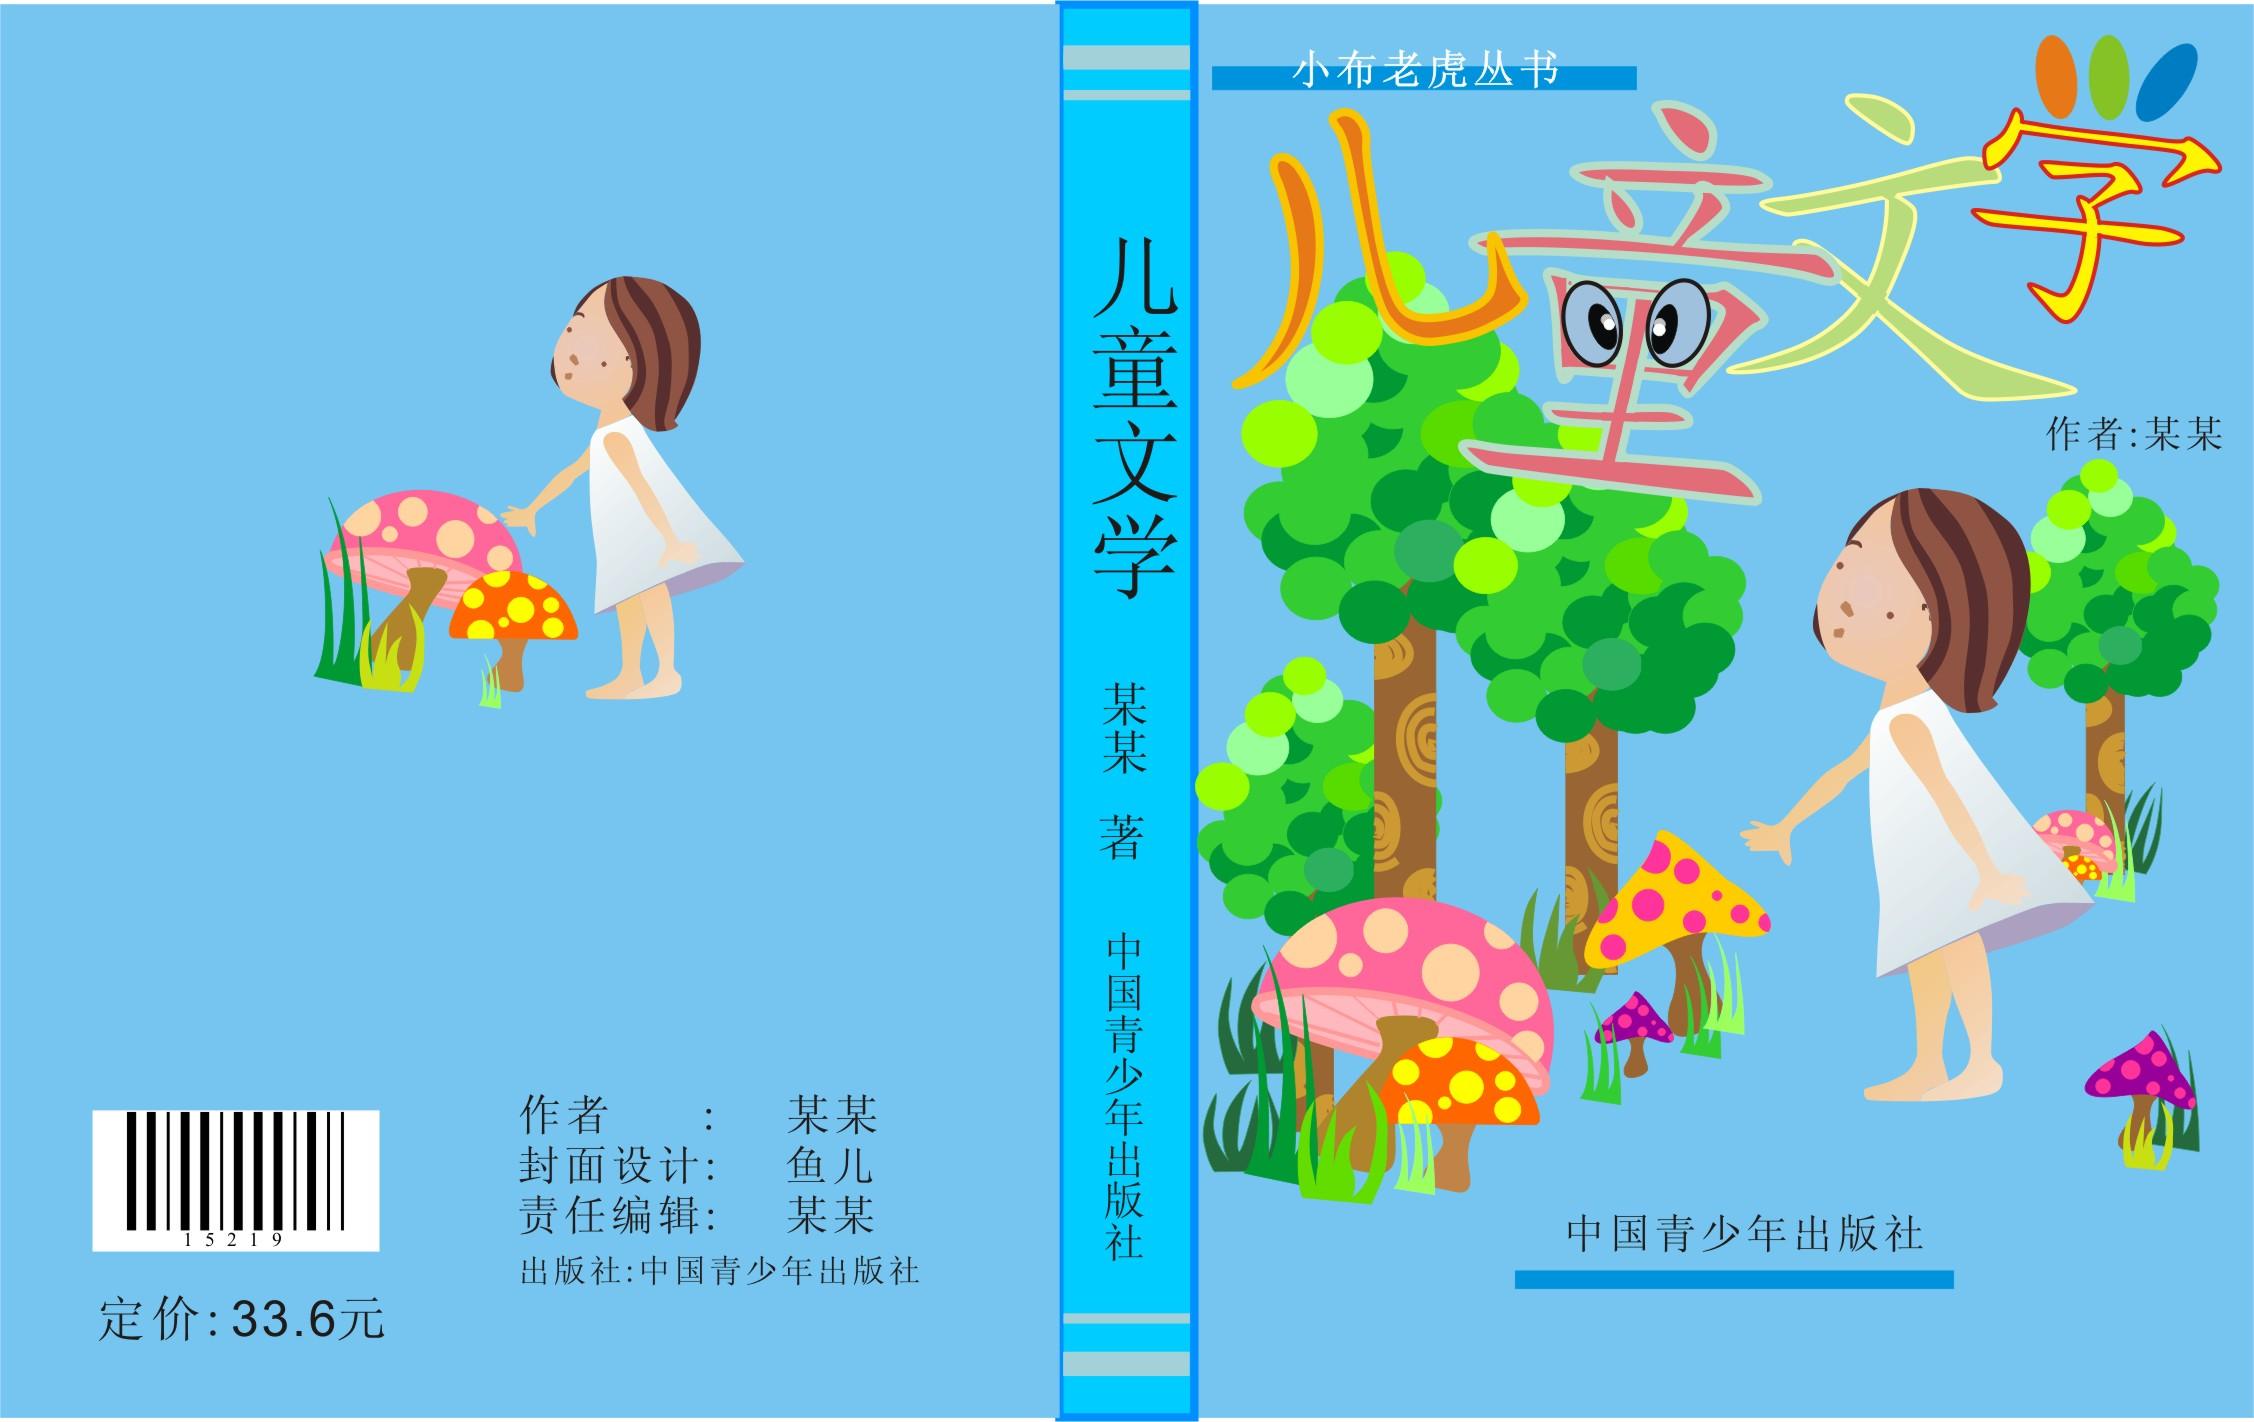 美术作业 要求画关于童年的封面,就是书的封面,不要太图片